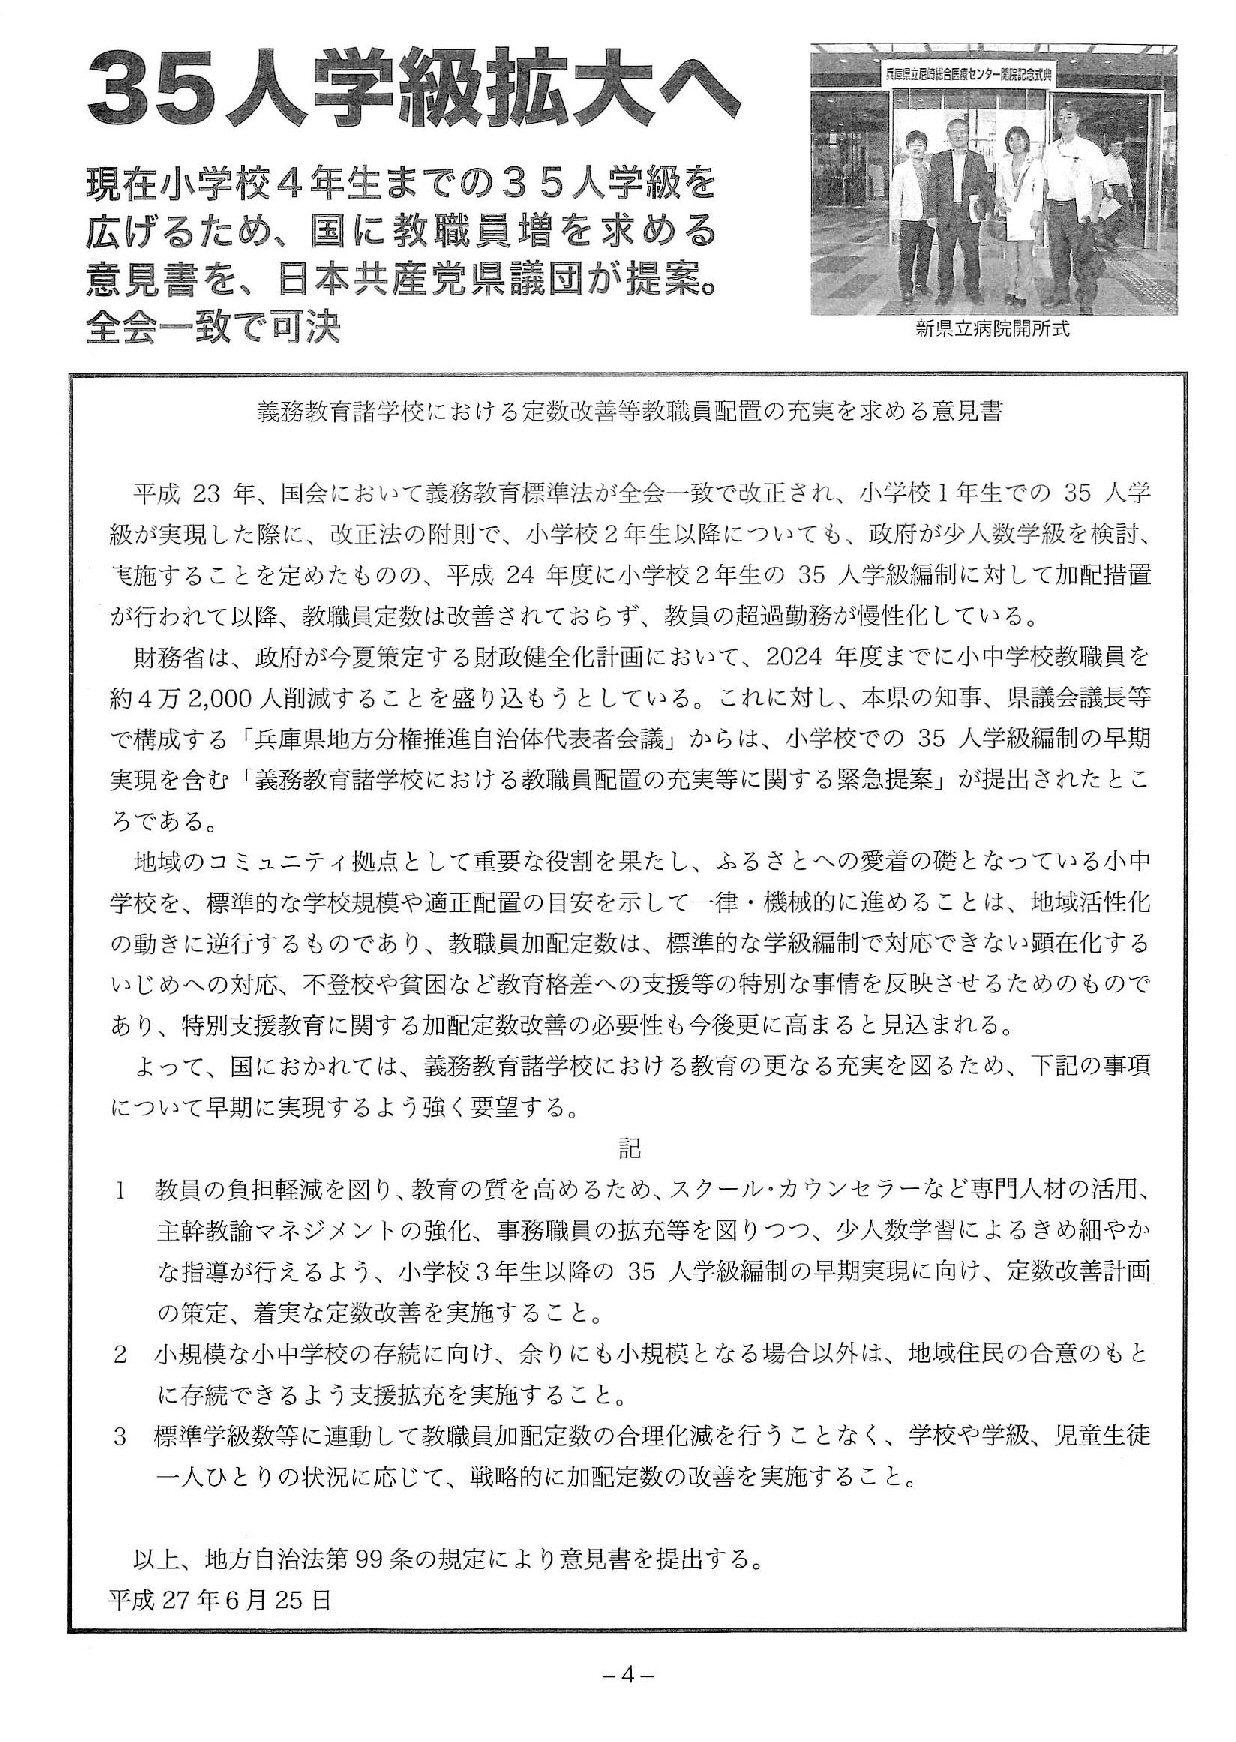 えつこ通信 №1 2015年7月_b0253602_18274384.jpg